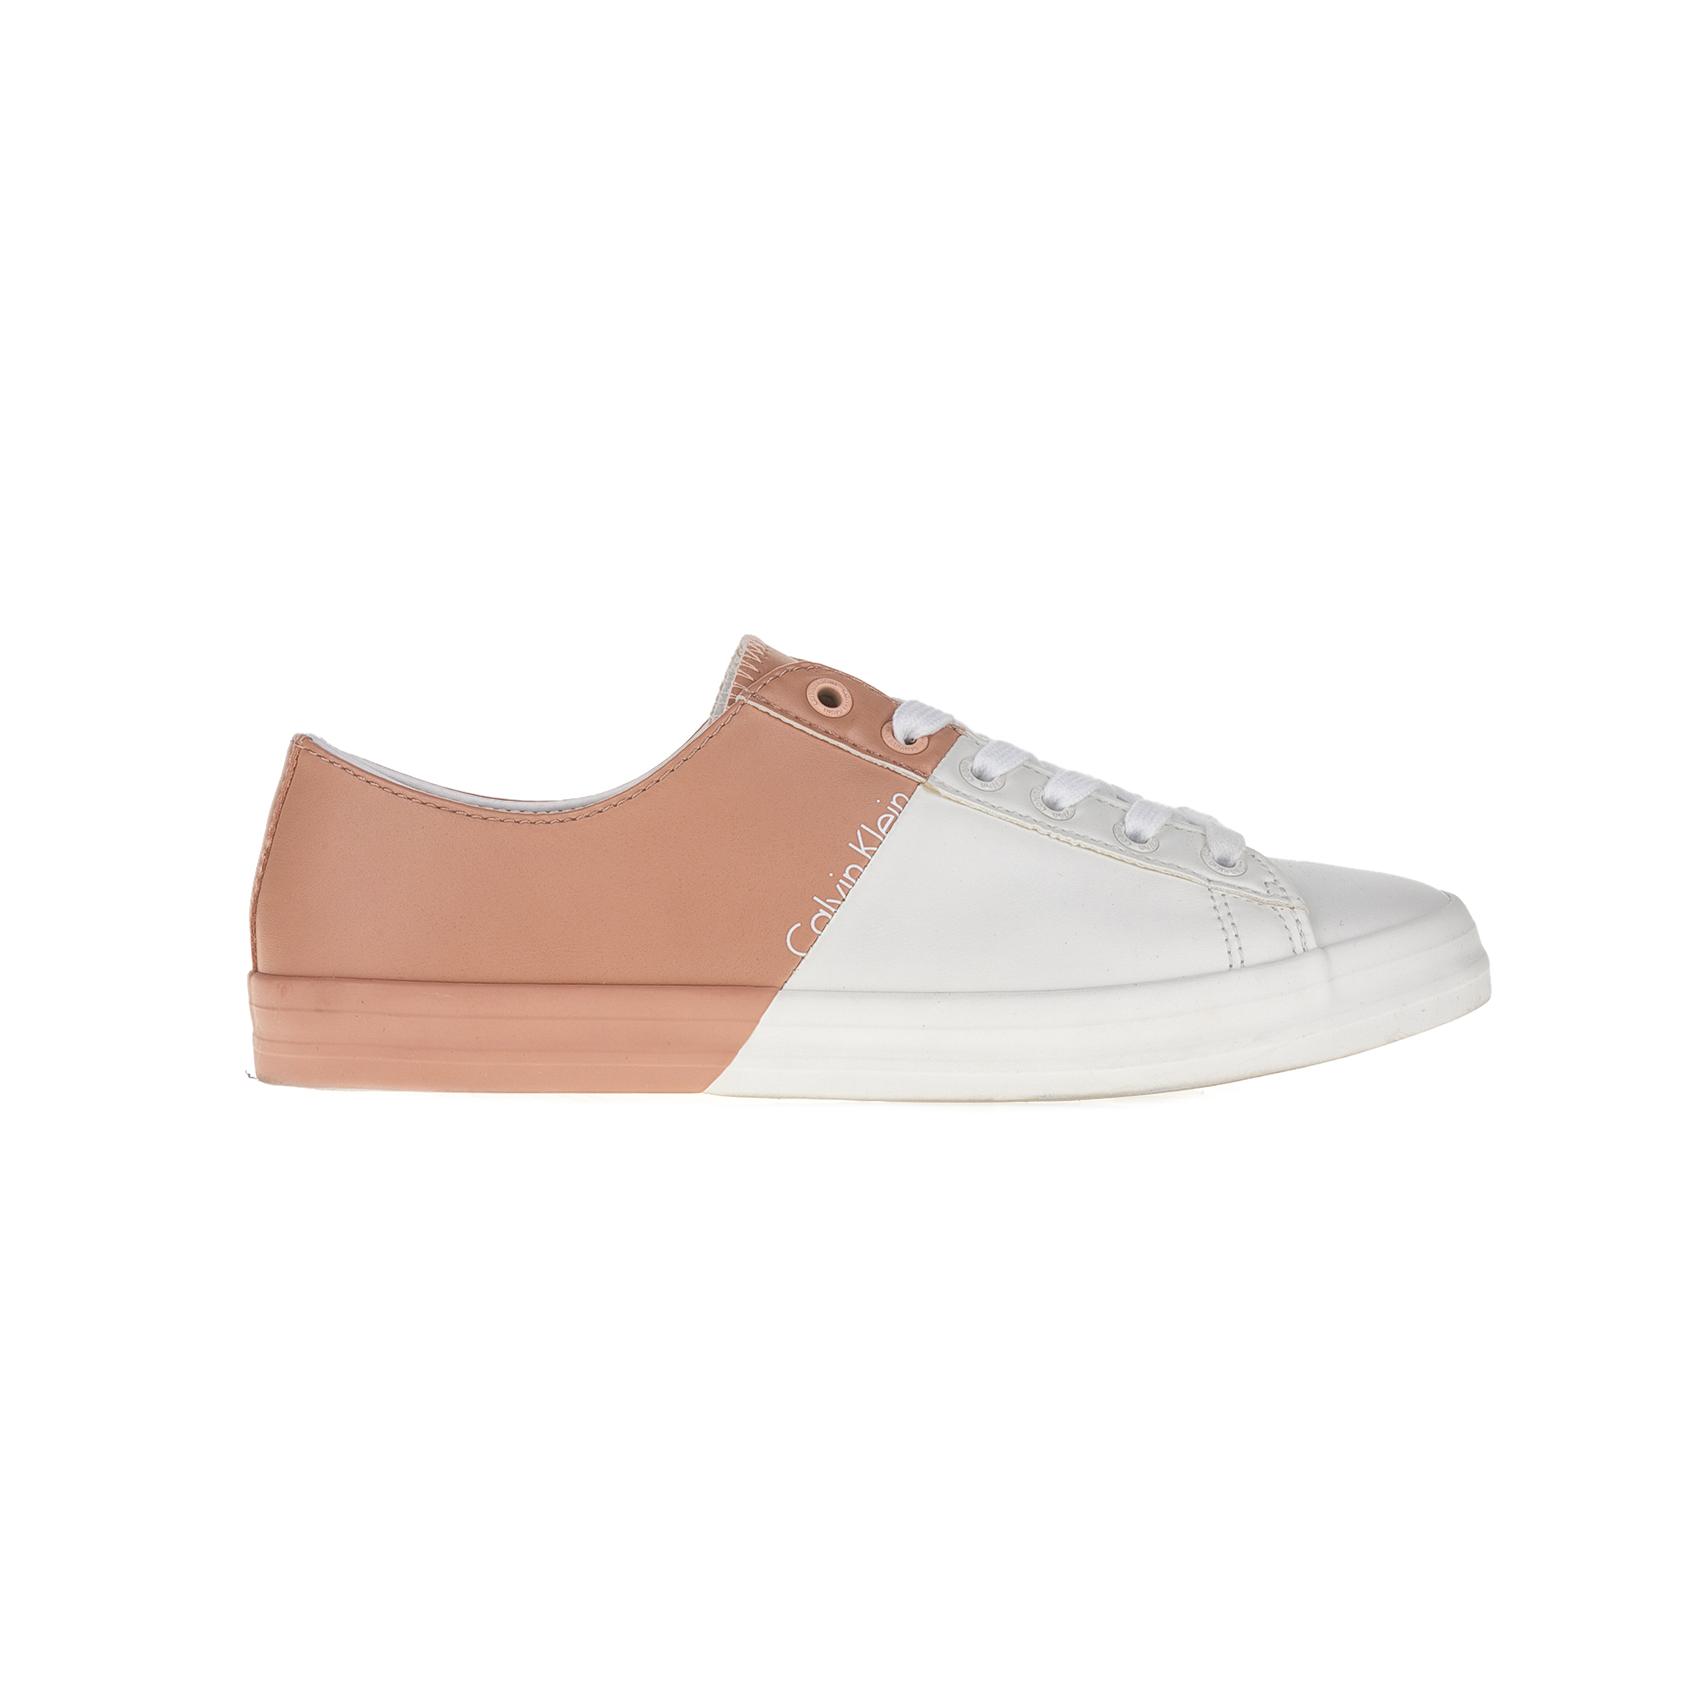 CALVIN KLEIN JEANS – Γυναικεία sneakers CALVIN KLEIN JEANS λευκά-μπεζ